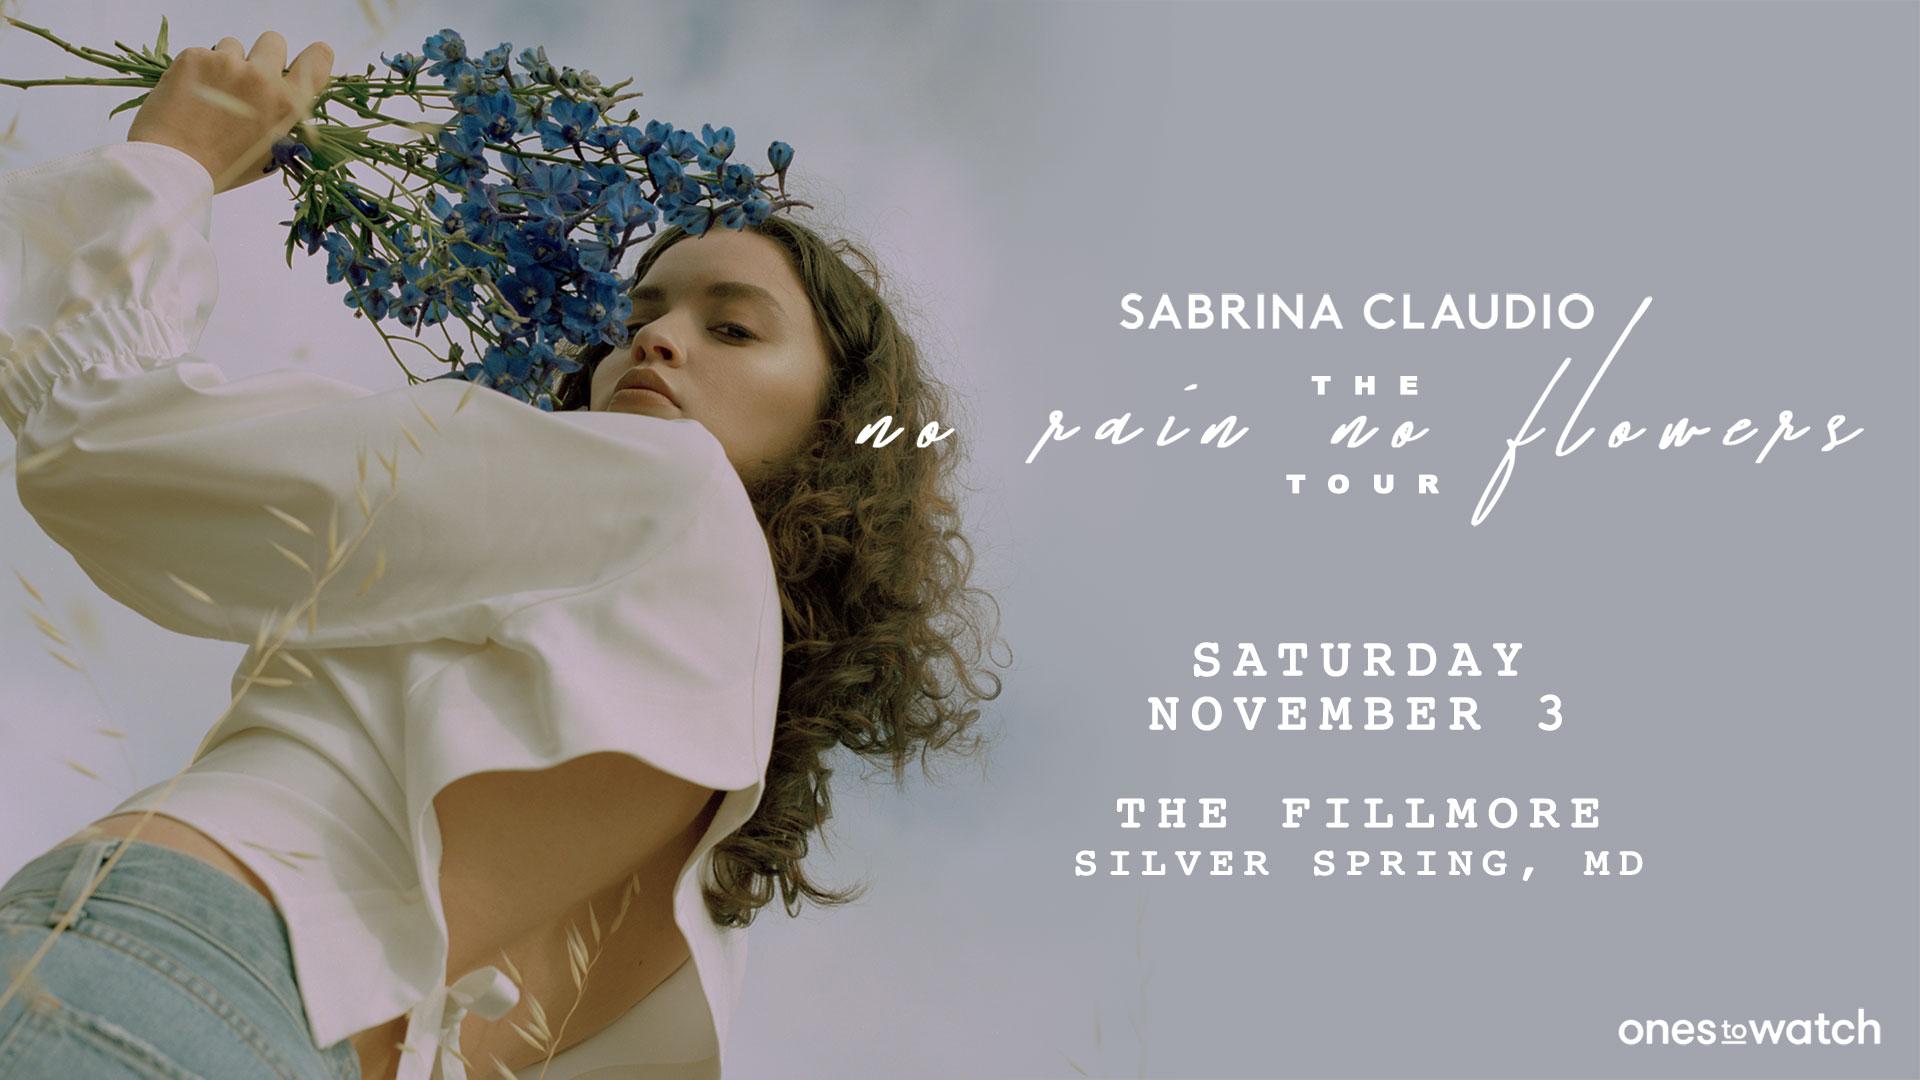 Sabrina Claudio: The No Rain, No Flowers Tour